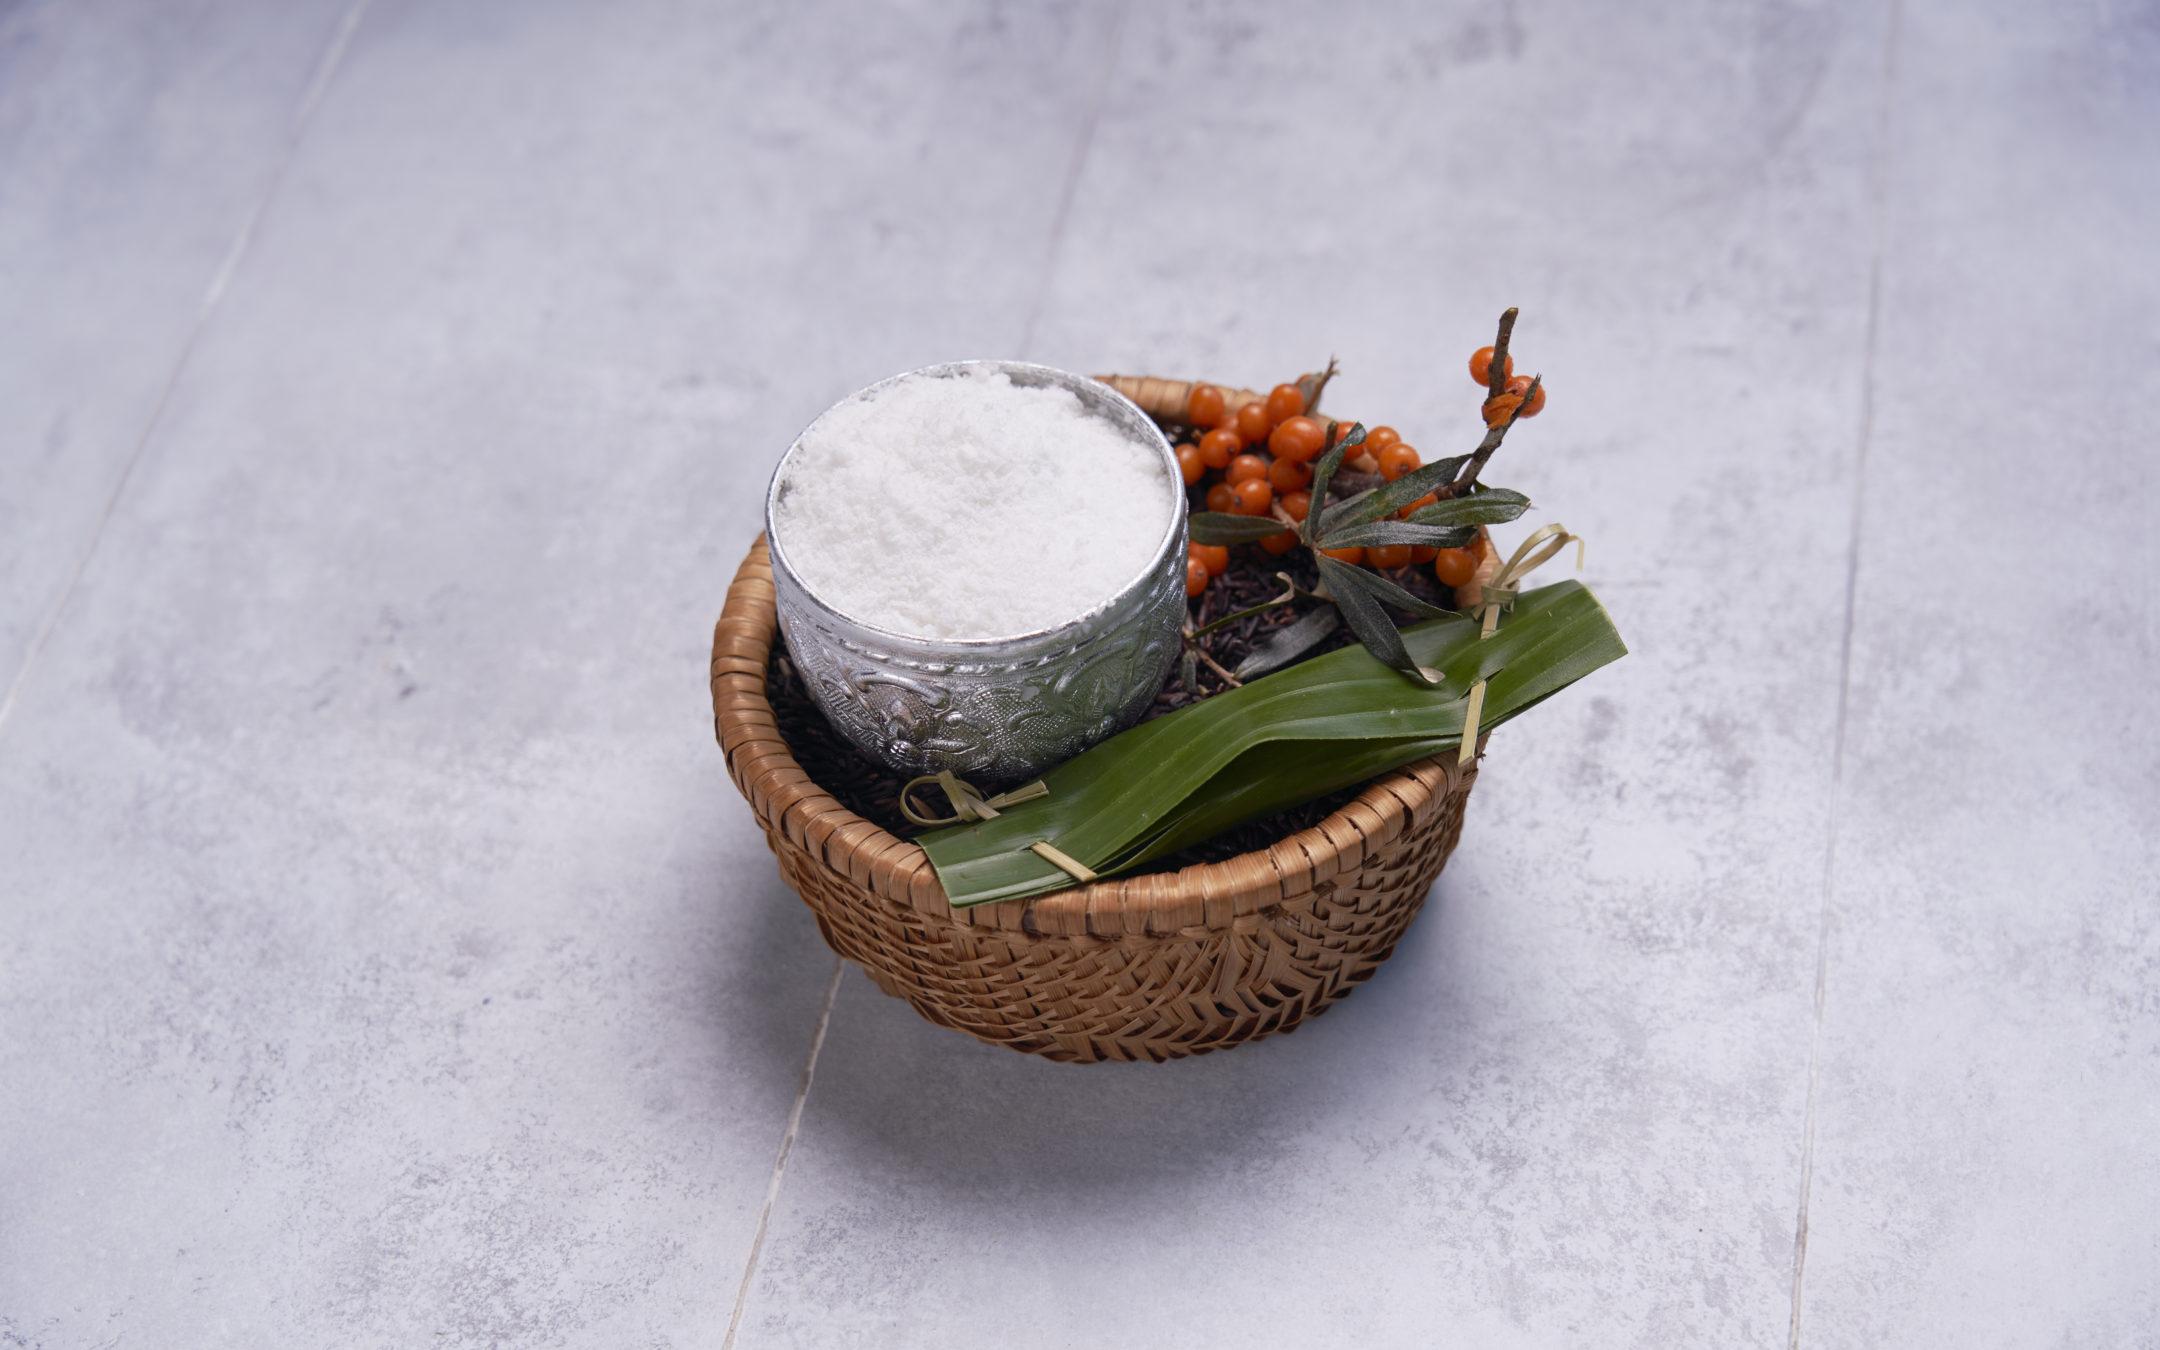 Opskrift fra Nam: Isdessert med Gammel Knas, havtorn og sticky rice